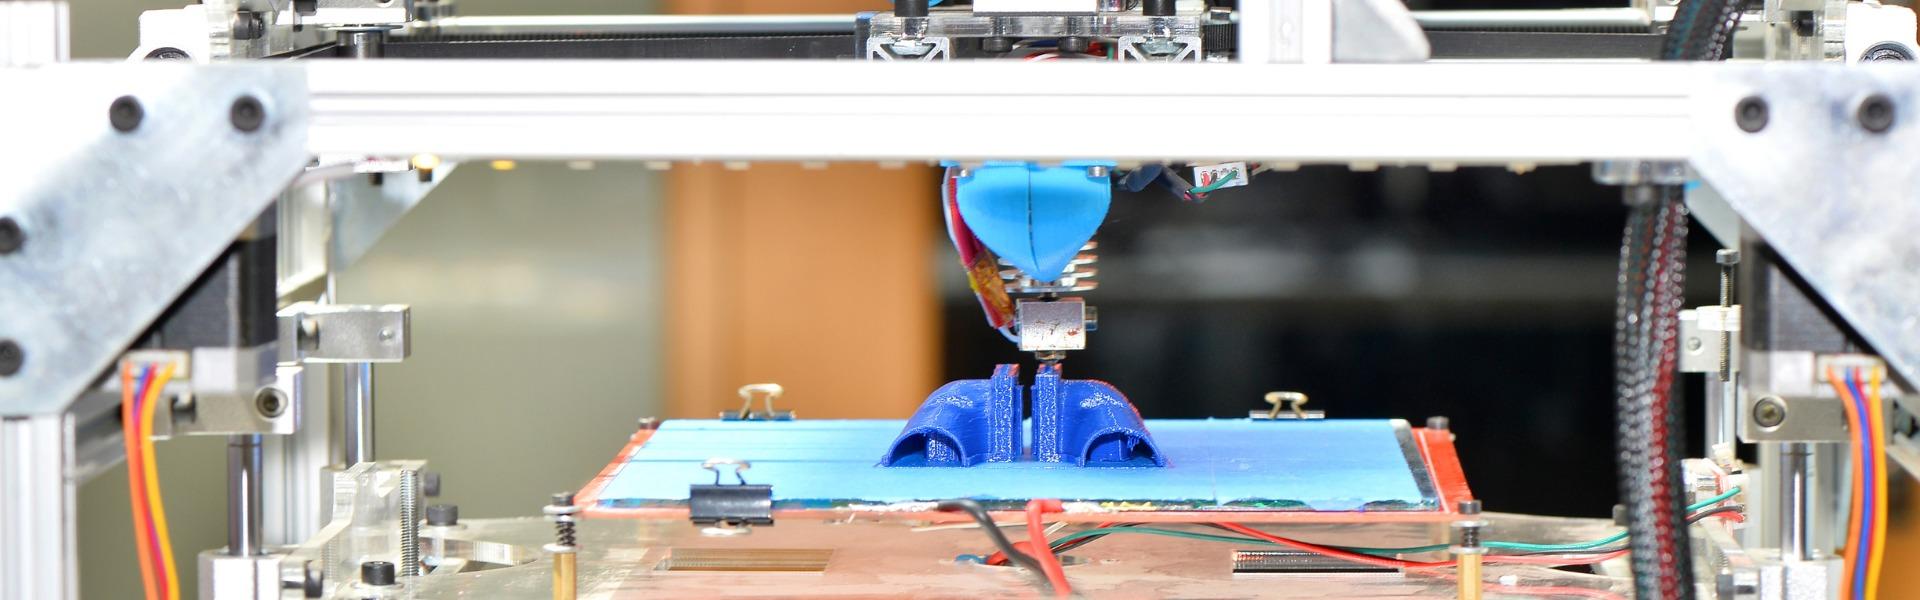 Virtuelle Auftaktveranstaltung zum Aufbau einer Fokusgruppe zum 3D-Druck